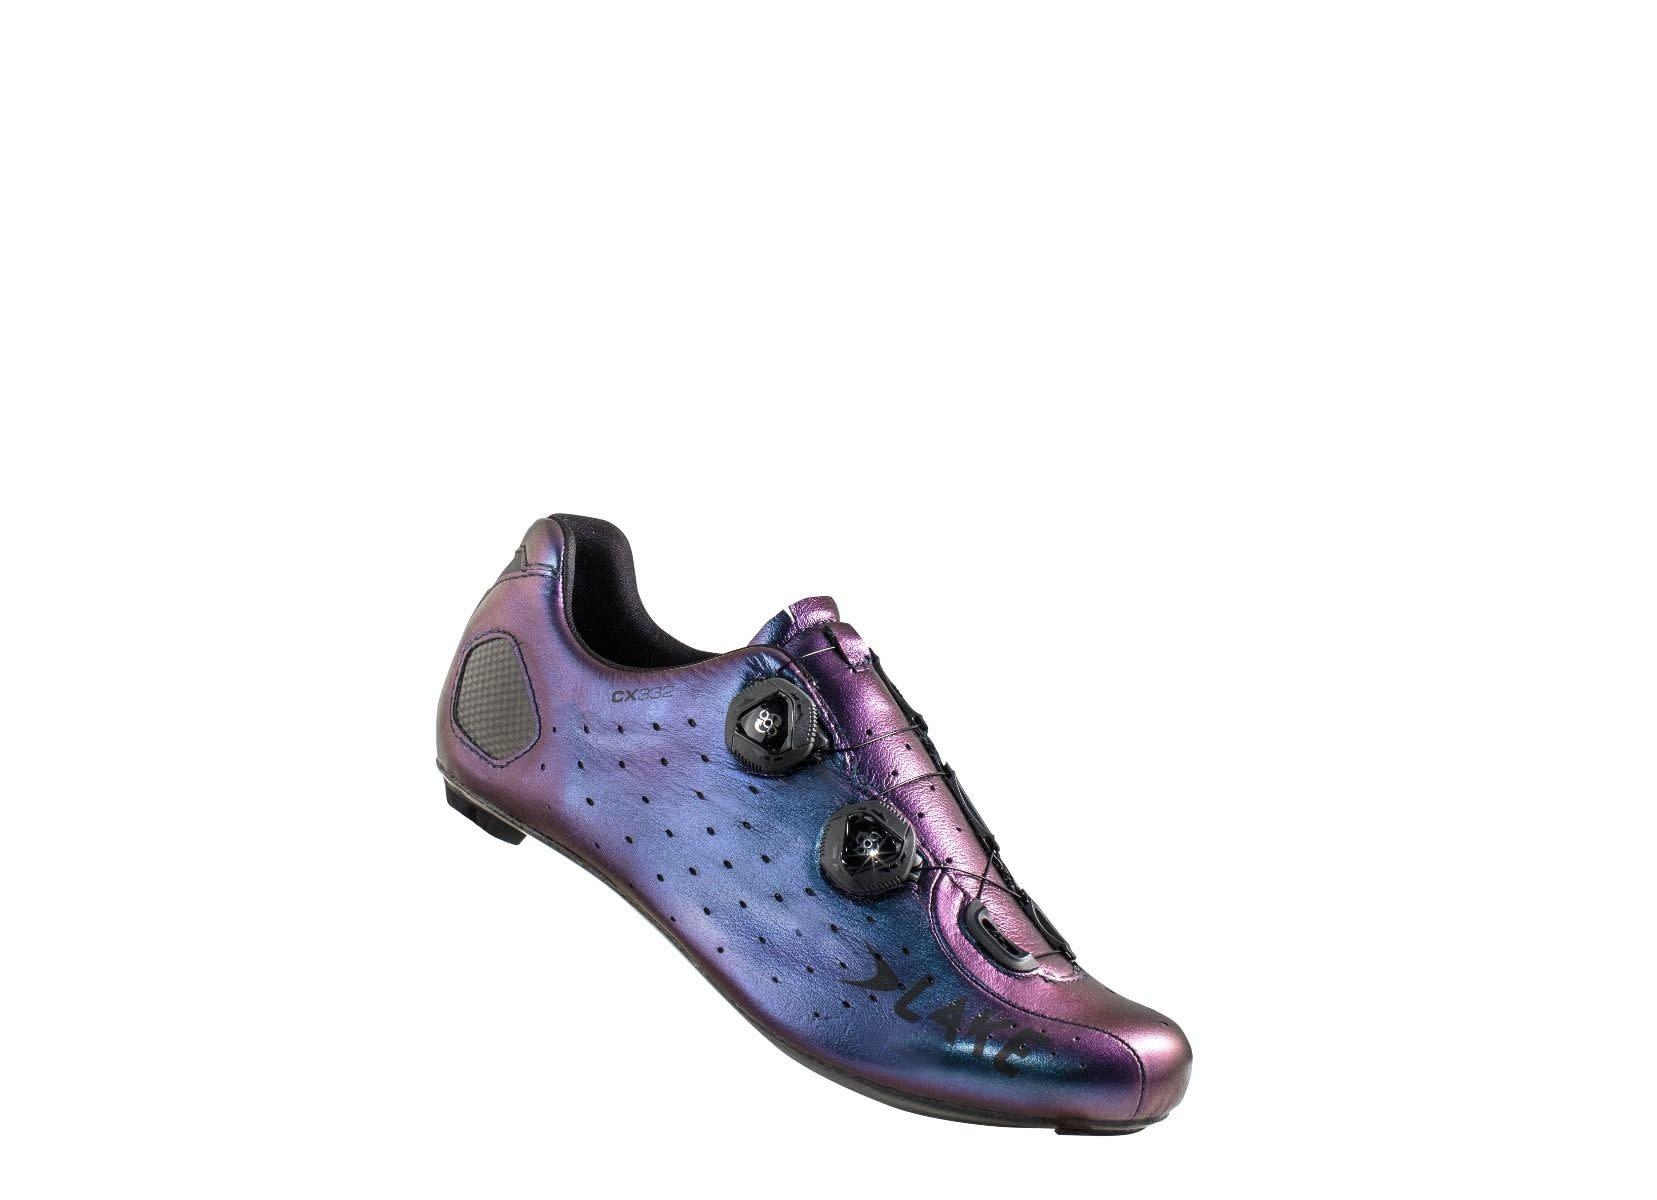 LAKE Lake CX332 Chameleon Blue 45 Cycling Shoes